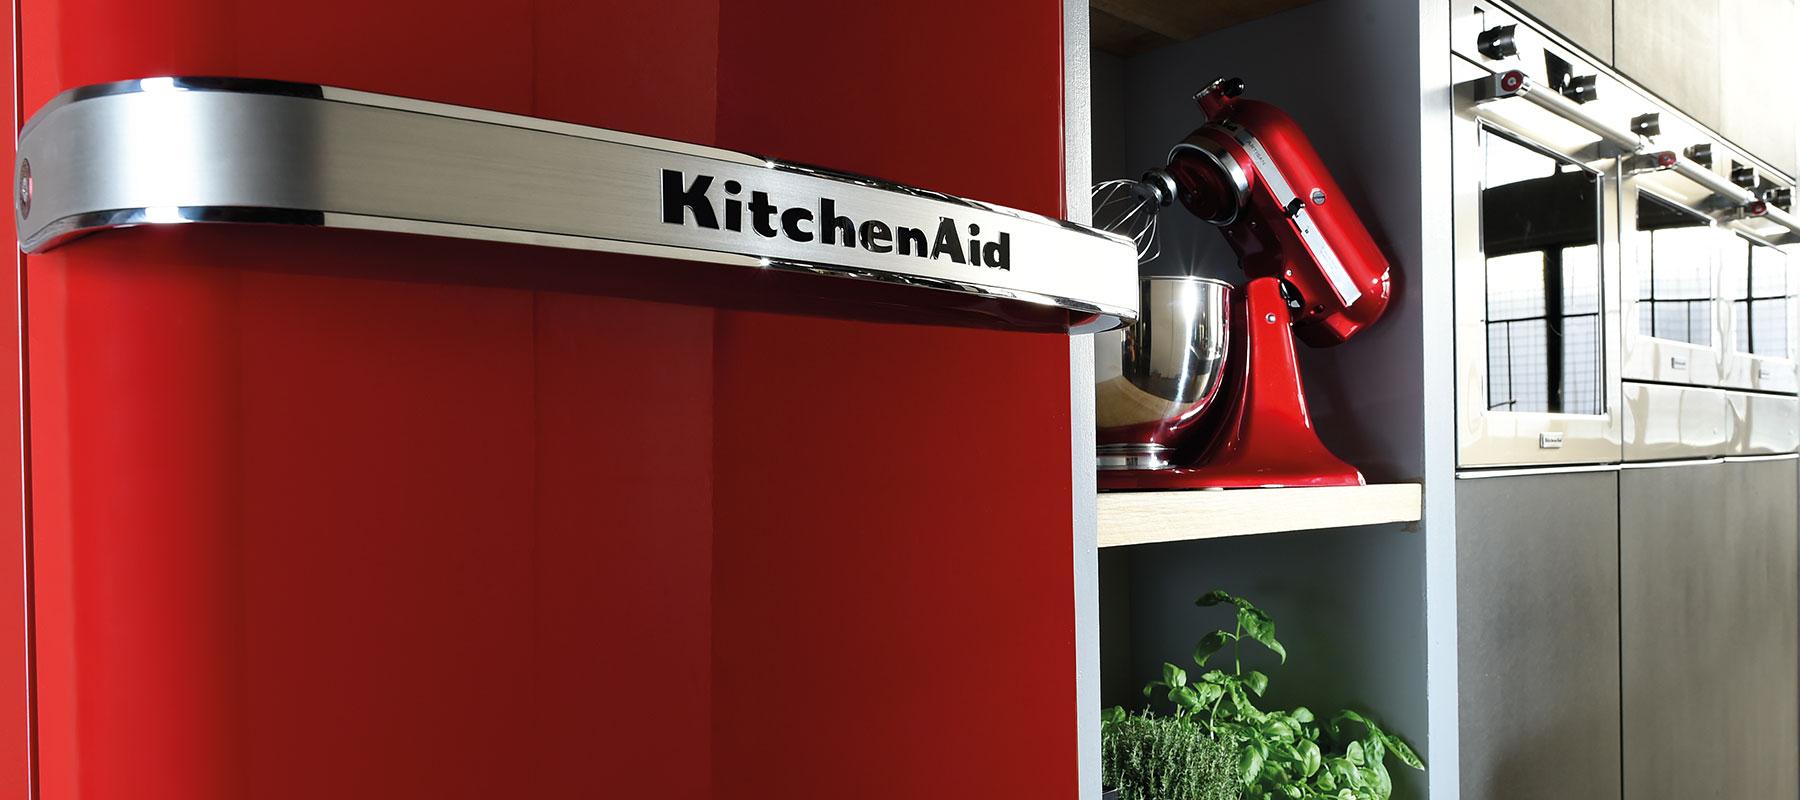 offizielle kitchenaid website hochwertige k chenger te online kaufen. Black Bedroom Furniture Sets. Home Design Ideas